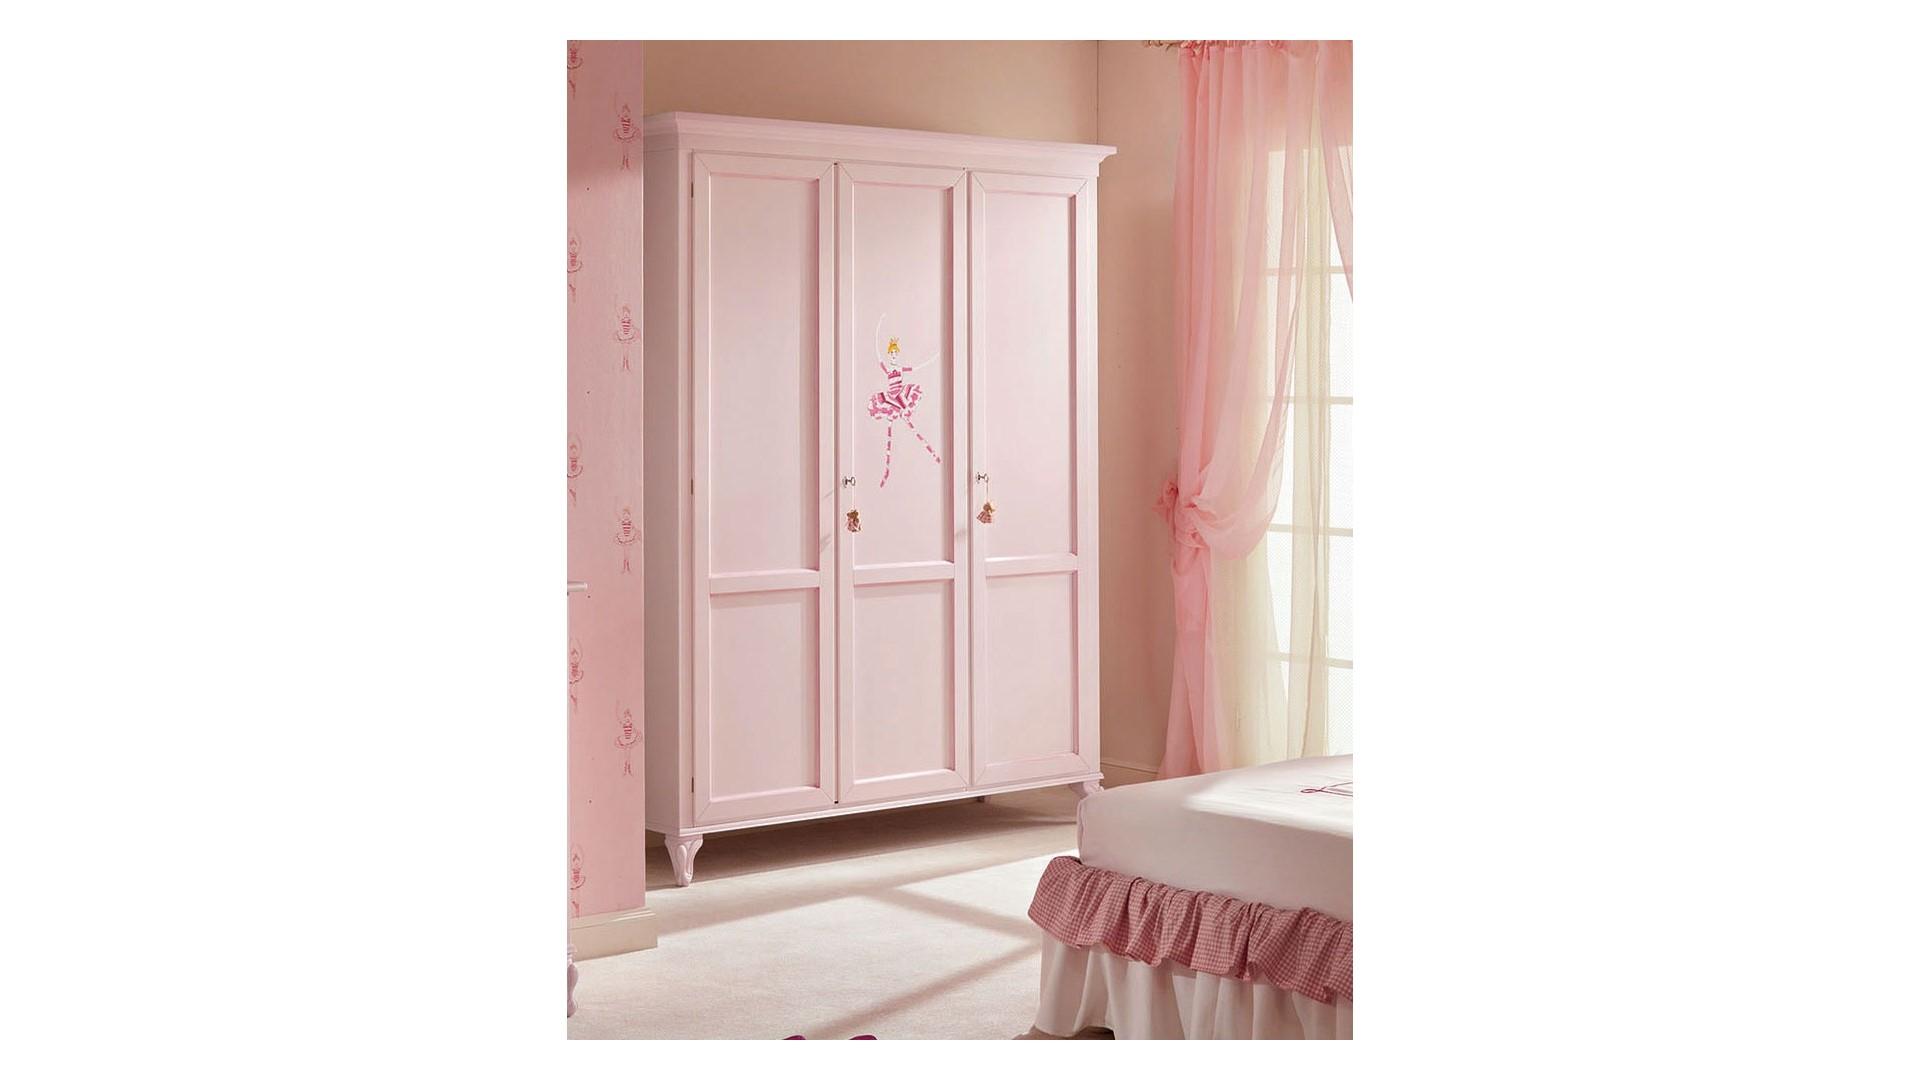 Armoire penderie PERSONNALISABLE 3 portes avec décor - PIERMARIA